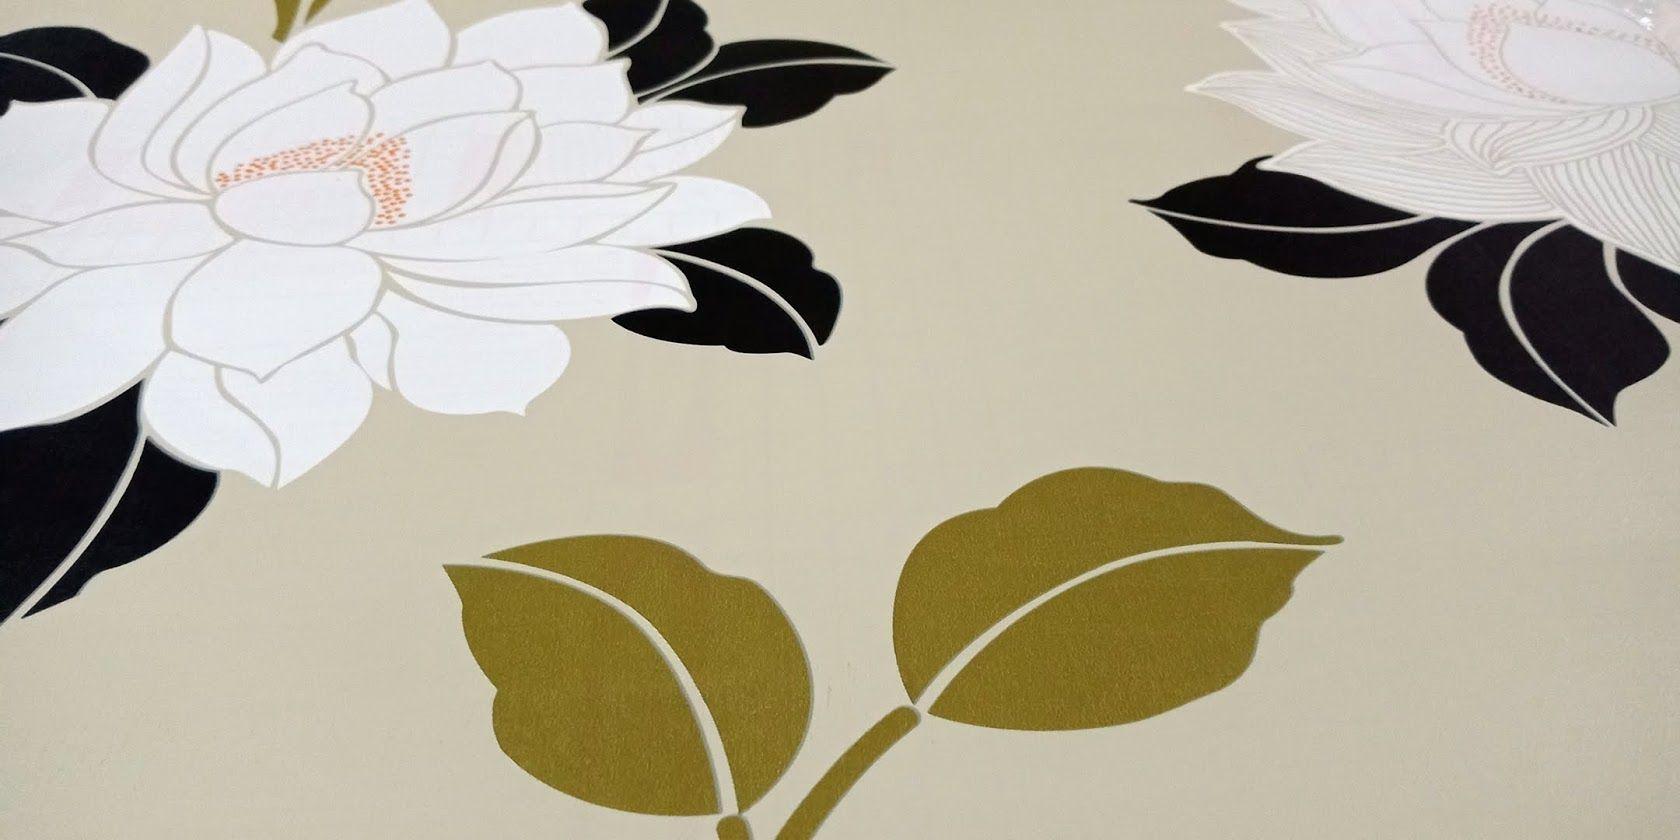 Features Wallpaper Sticker Dinding Krem Motif Daun Klasik Dan Harga Batu Bata Detail Gambar Terbaru